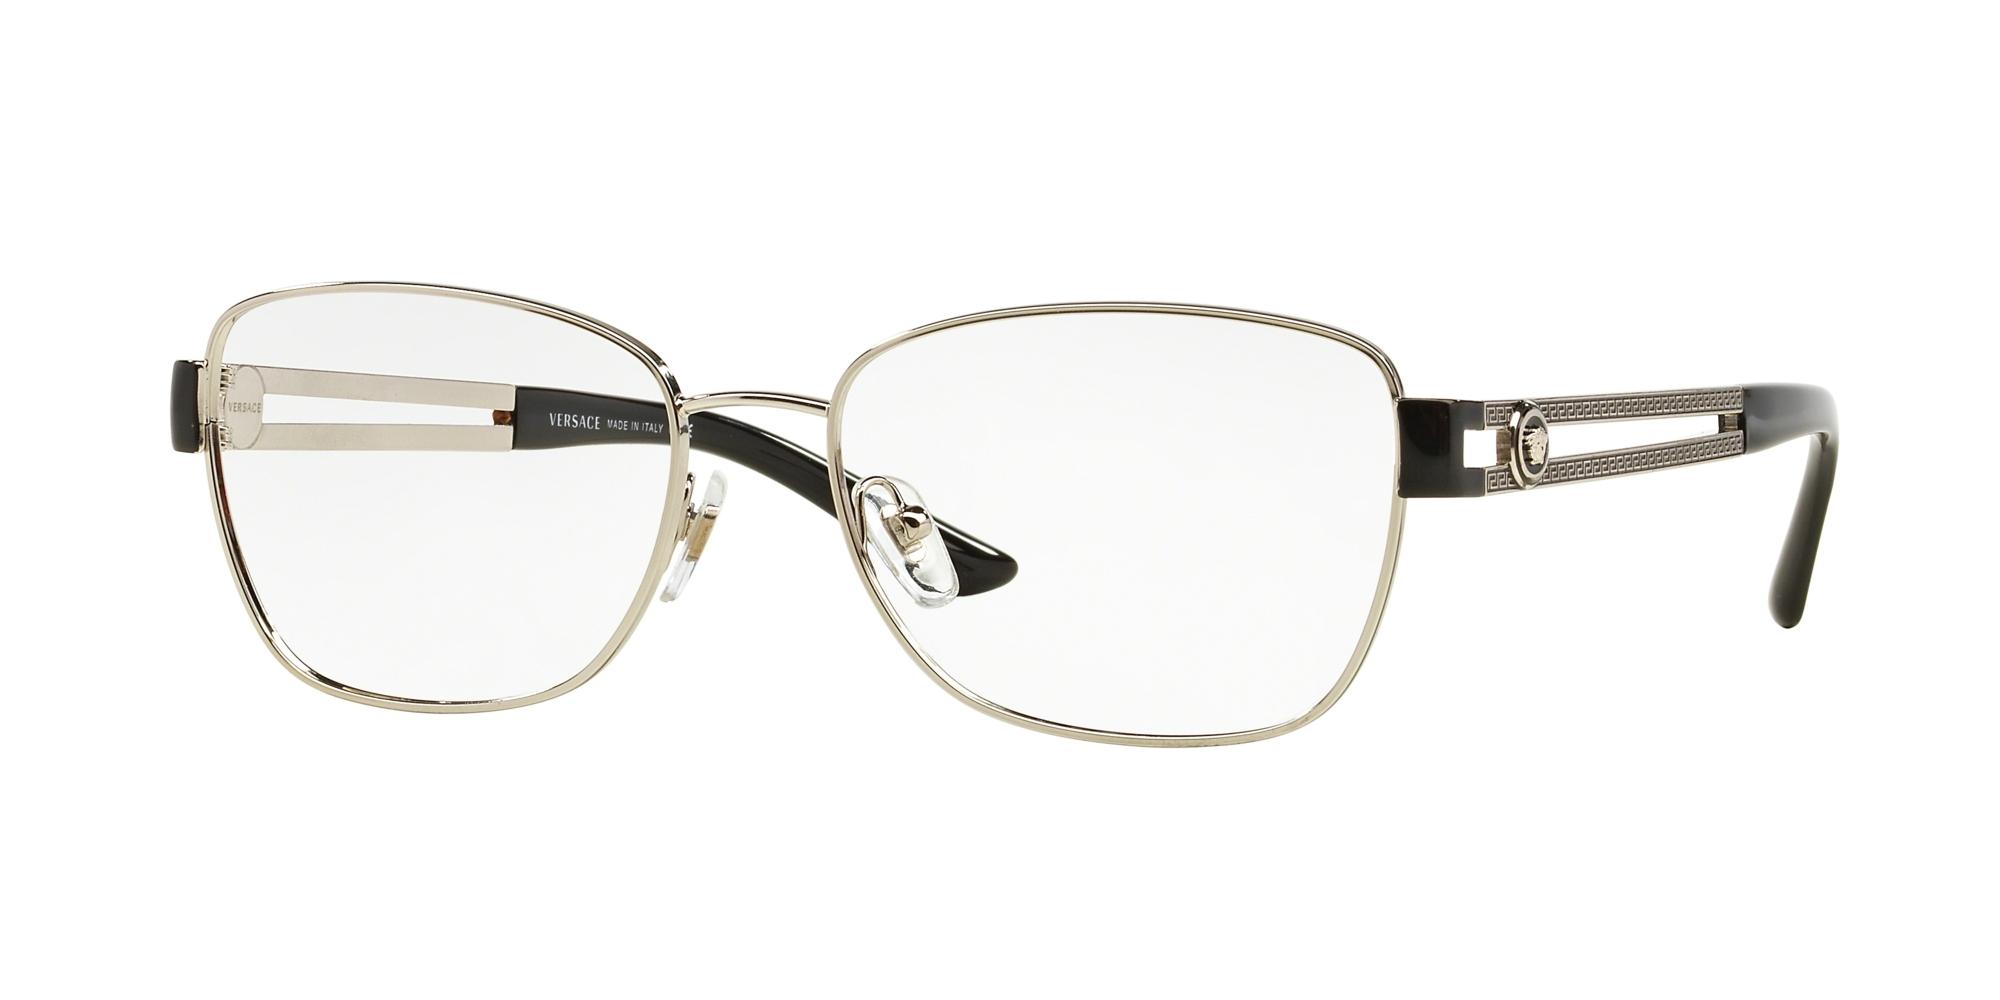 e2ffb0992c11 Designer Frames Outlet. Versace VE1234 Authentic Designer Sunglasses Outlet